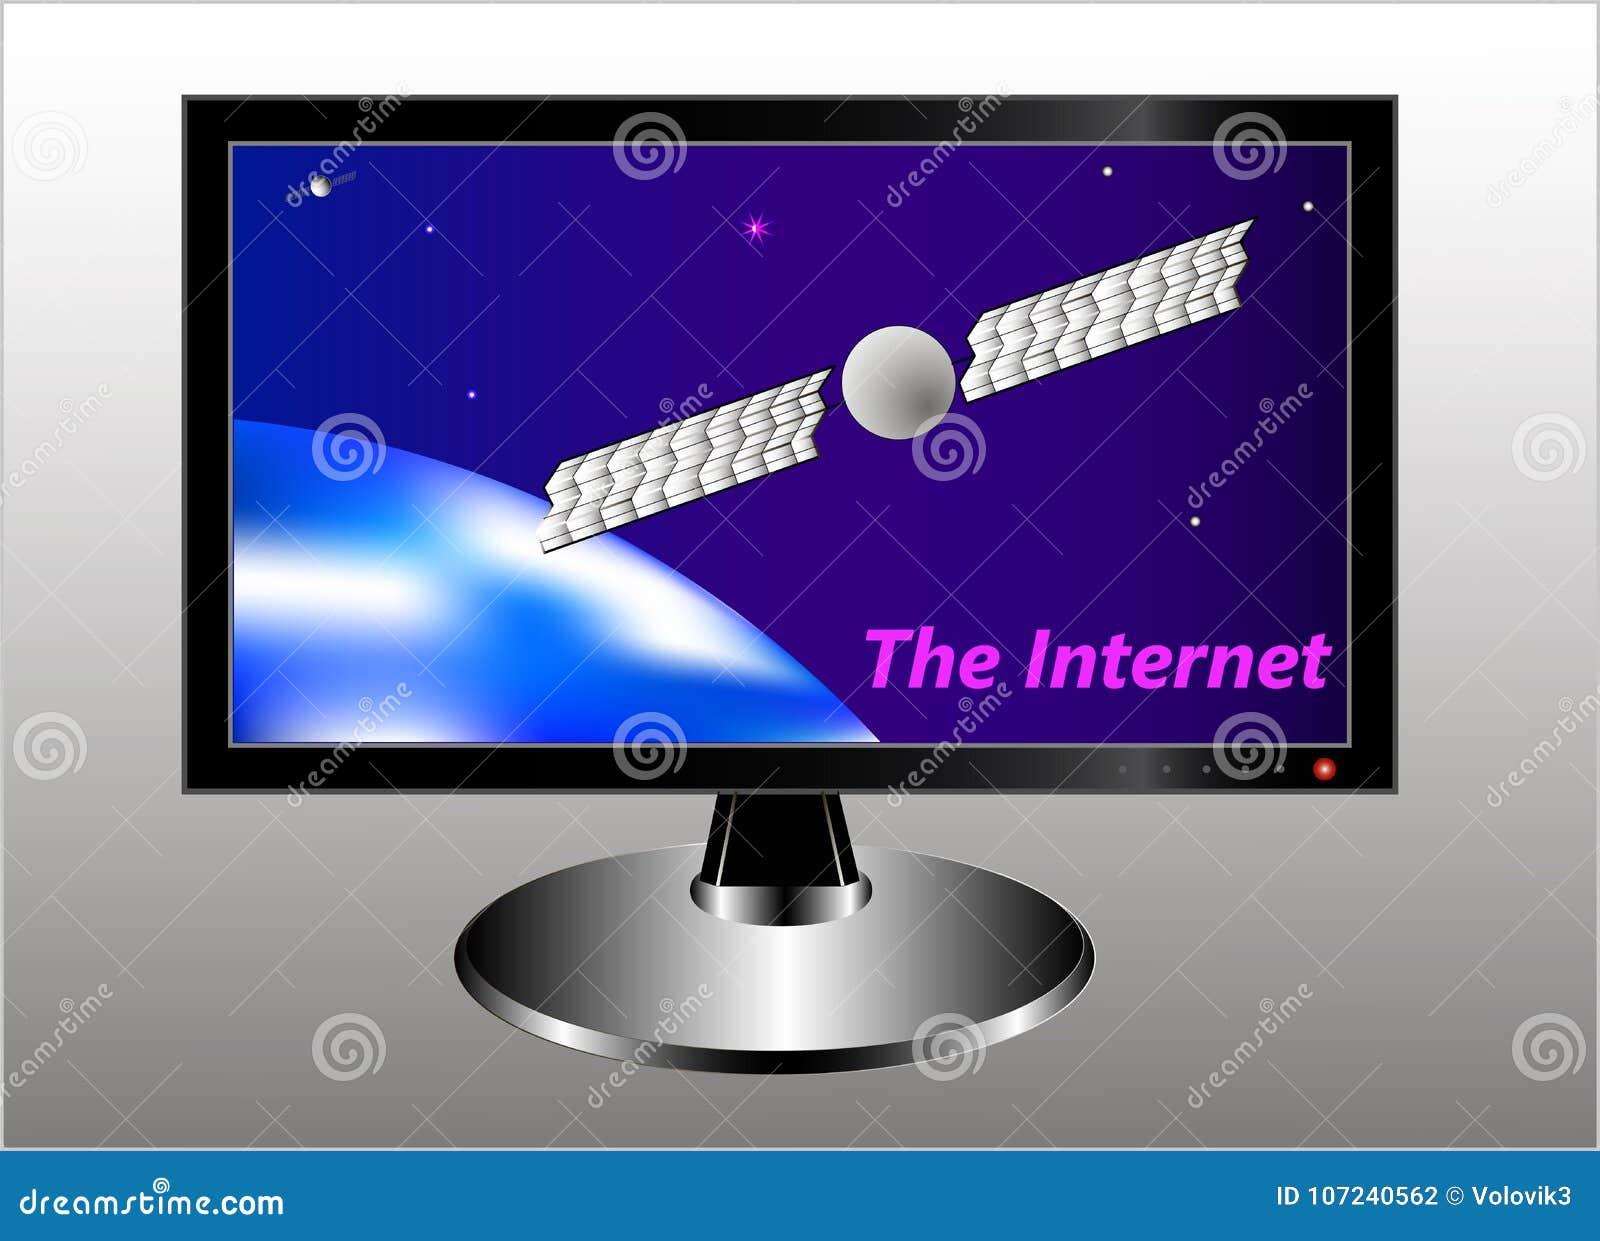 Um monitor com uma imagem simbólica da terra, de um satélite de comunicação na órbita geostacionária, de um céu estrelado e de um